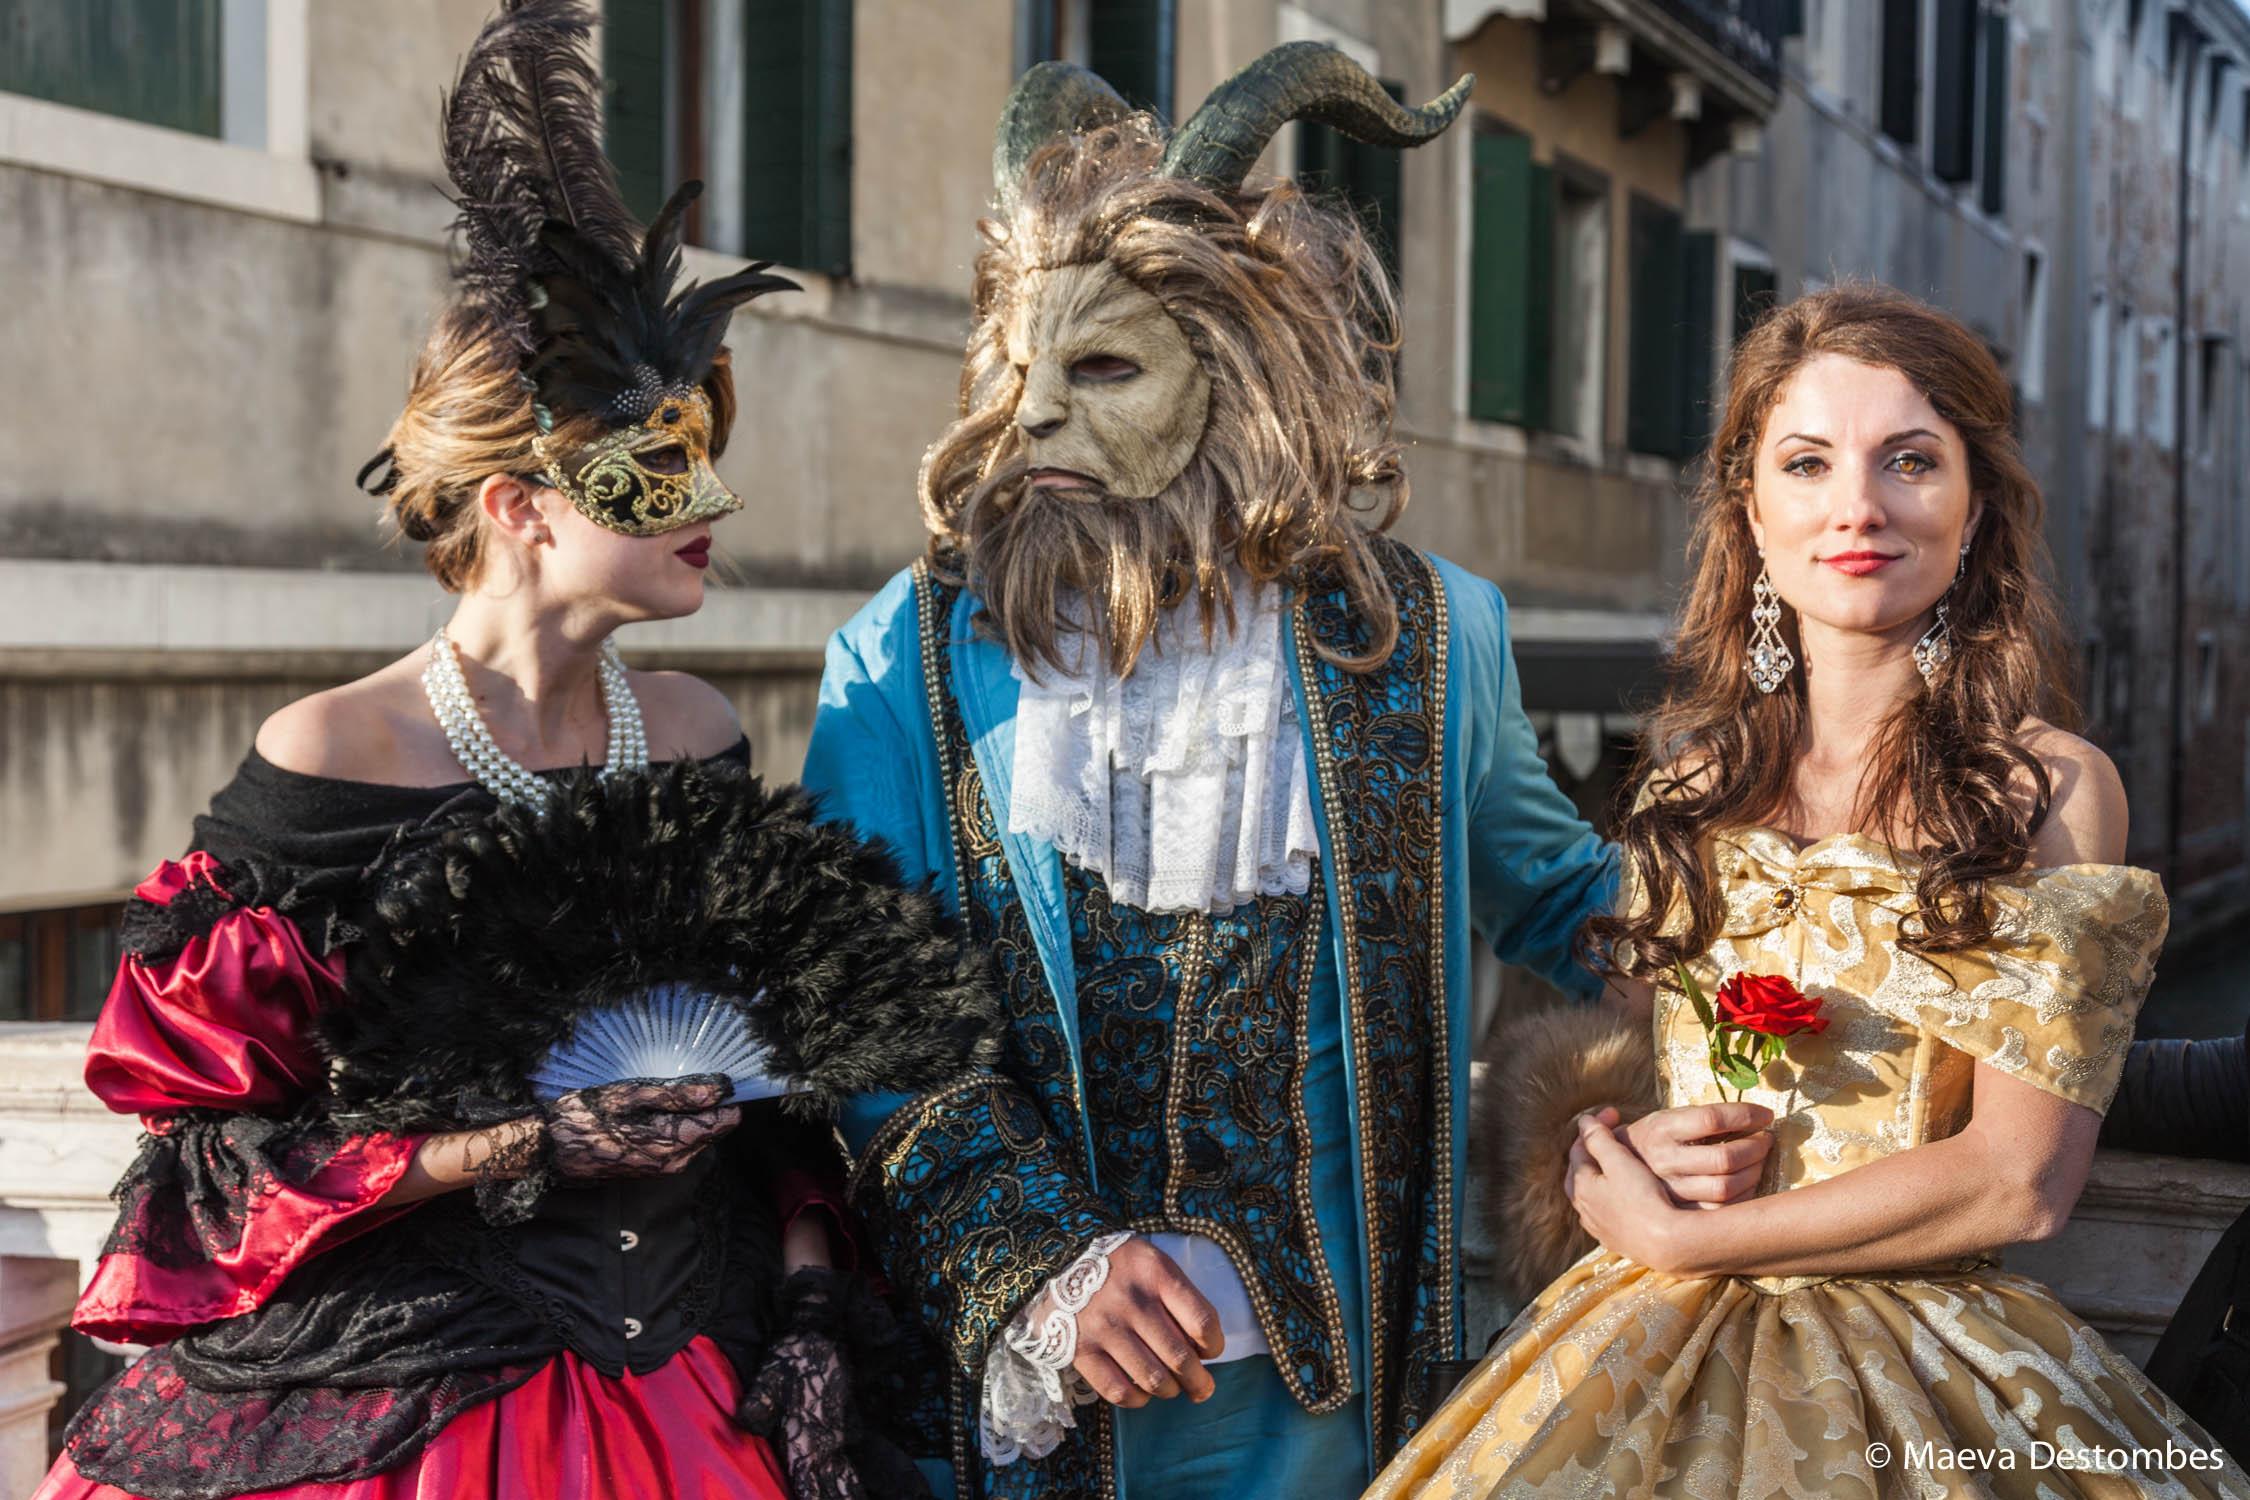 Trois personnes déguisées sur le thème de La Belle et La Bête lors du Carnaval de Venise